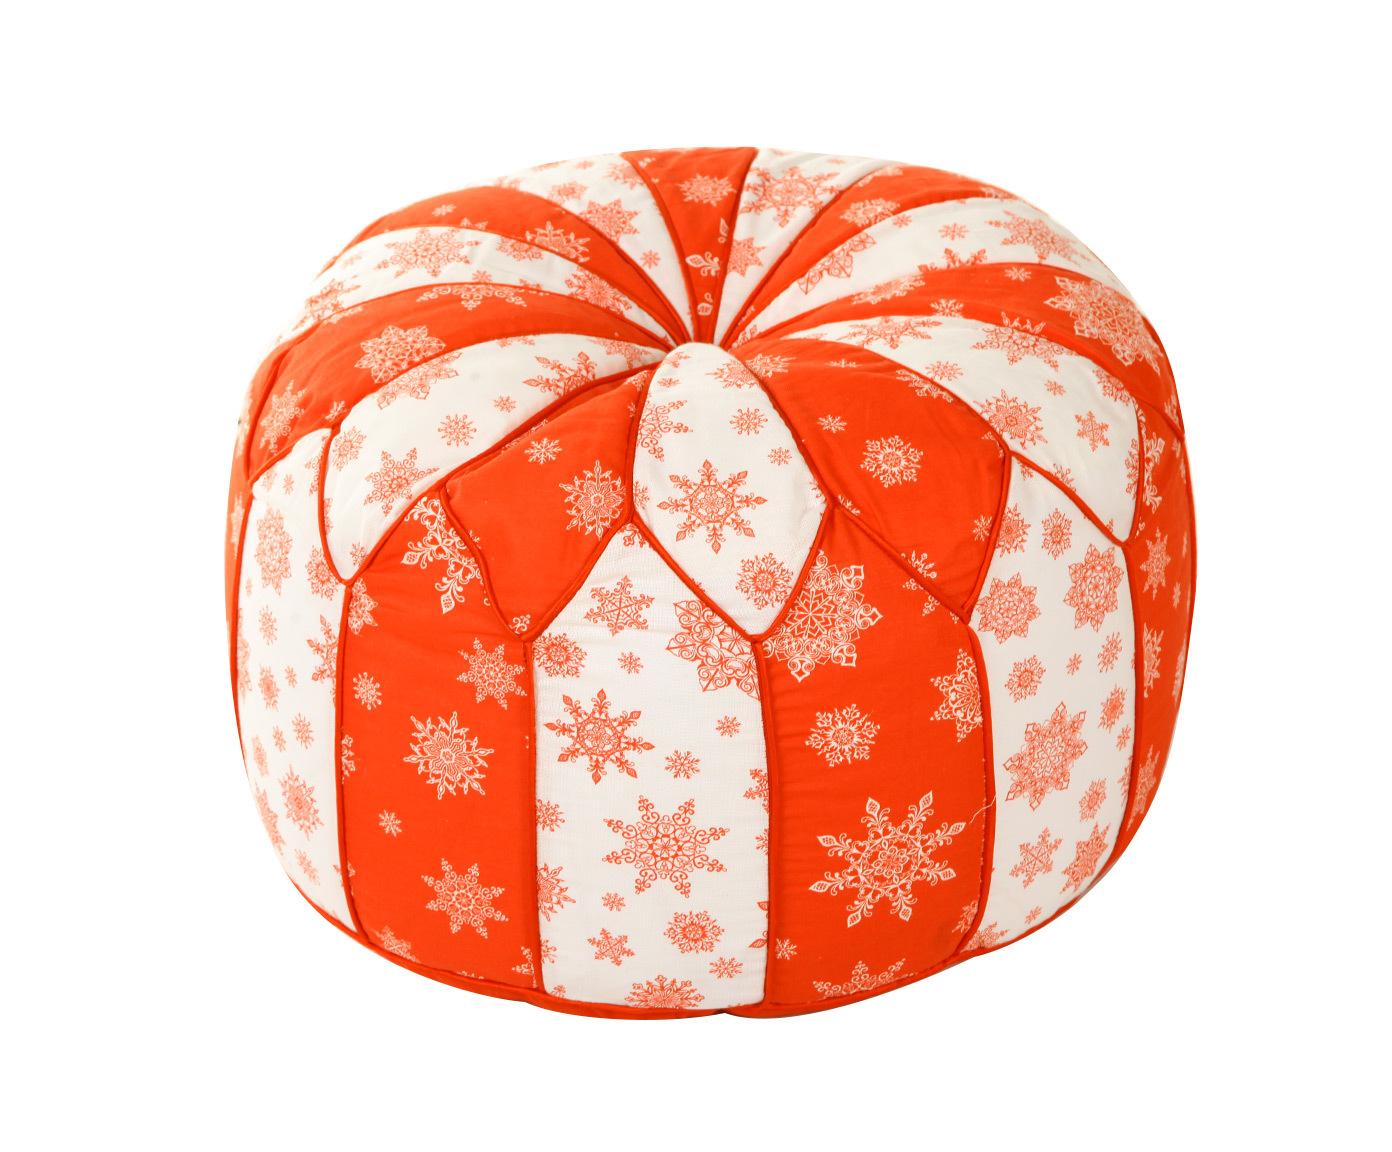 Пуфик круглый Новогодний калейдоскопФорменные пуфы<br>Круглый мягкий пуф станет элегантной и полезной деталью в вашем интерьере. Оригинальный новогодний принт сделает пространство стильным и праздничным. Благодаря мягкой набивке пуф удобен для сидения. Отсутствие острых углов и мягкий наполнитель делают пуф безопасным аксессуаром в доме, где живут дети.<br><br>Material: Хлопок<br>Length см: None<br>Width см: None<br>Height см: 35<br>Diameter см: 55